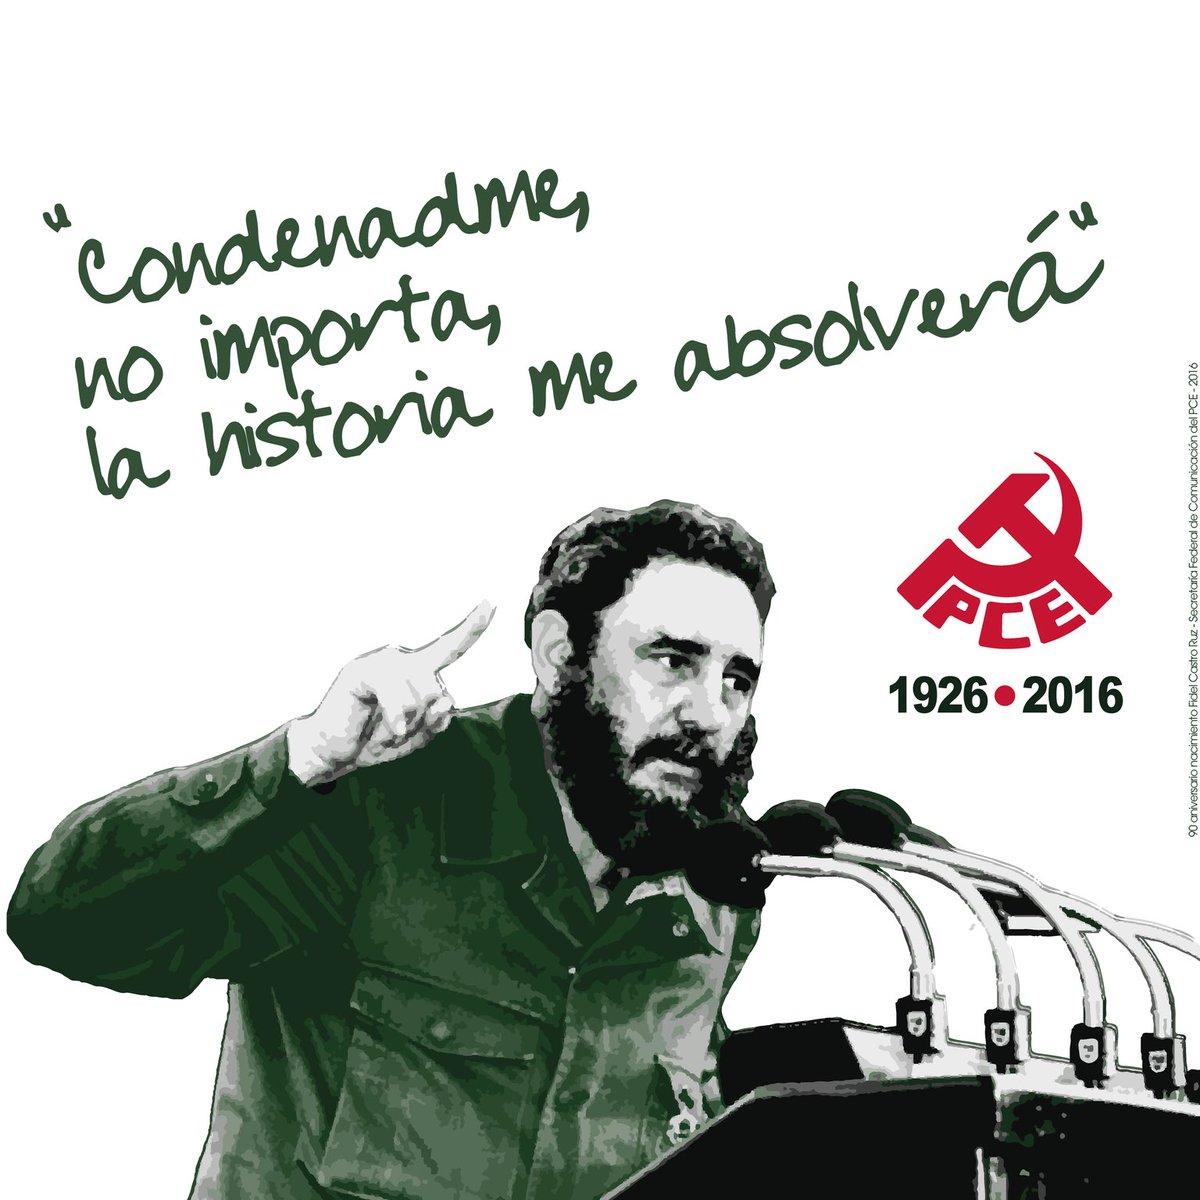 90 años de dignidad, 90 años de soberanía, 90 años de victoria. #FelicidadesFidel #Fidel90 https://t.co/RbCK3xAFlW